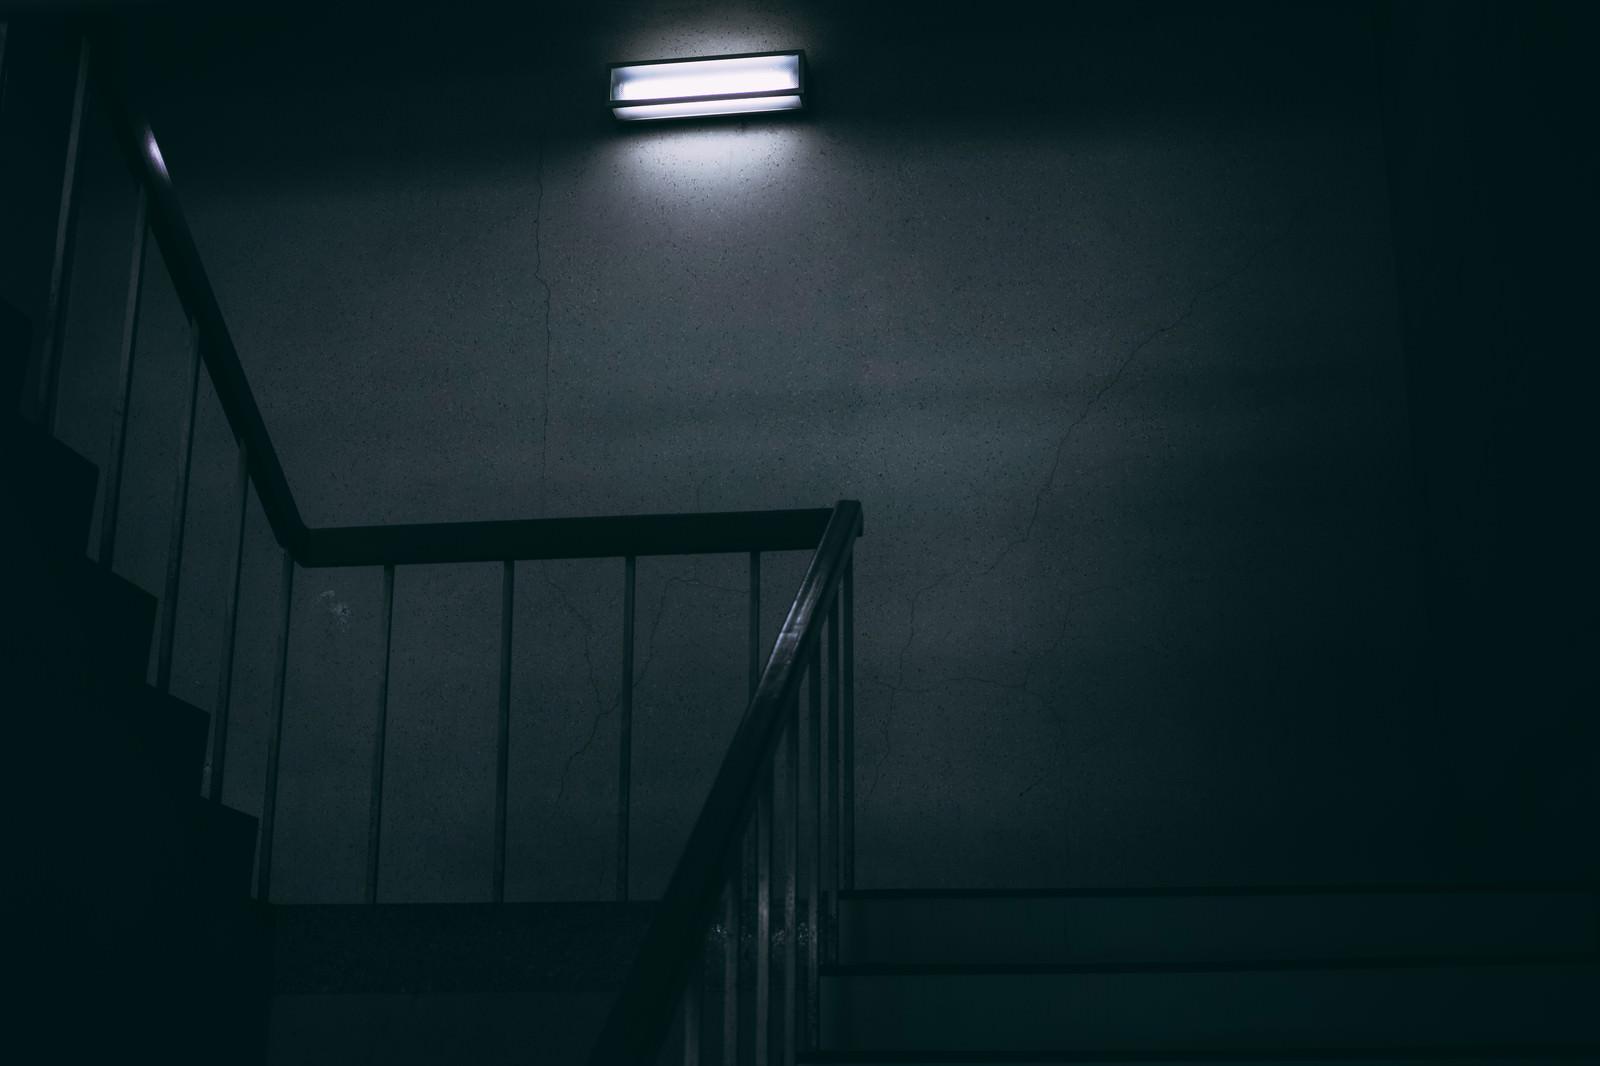 「一人称視点で眺める仄暗い階段」の写真